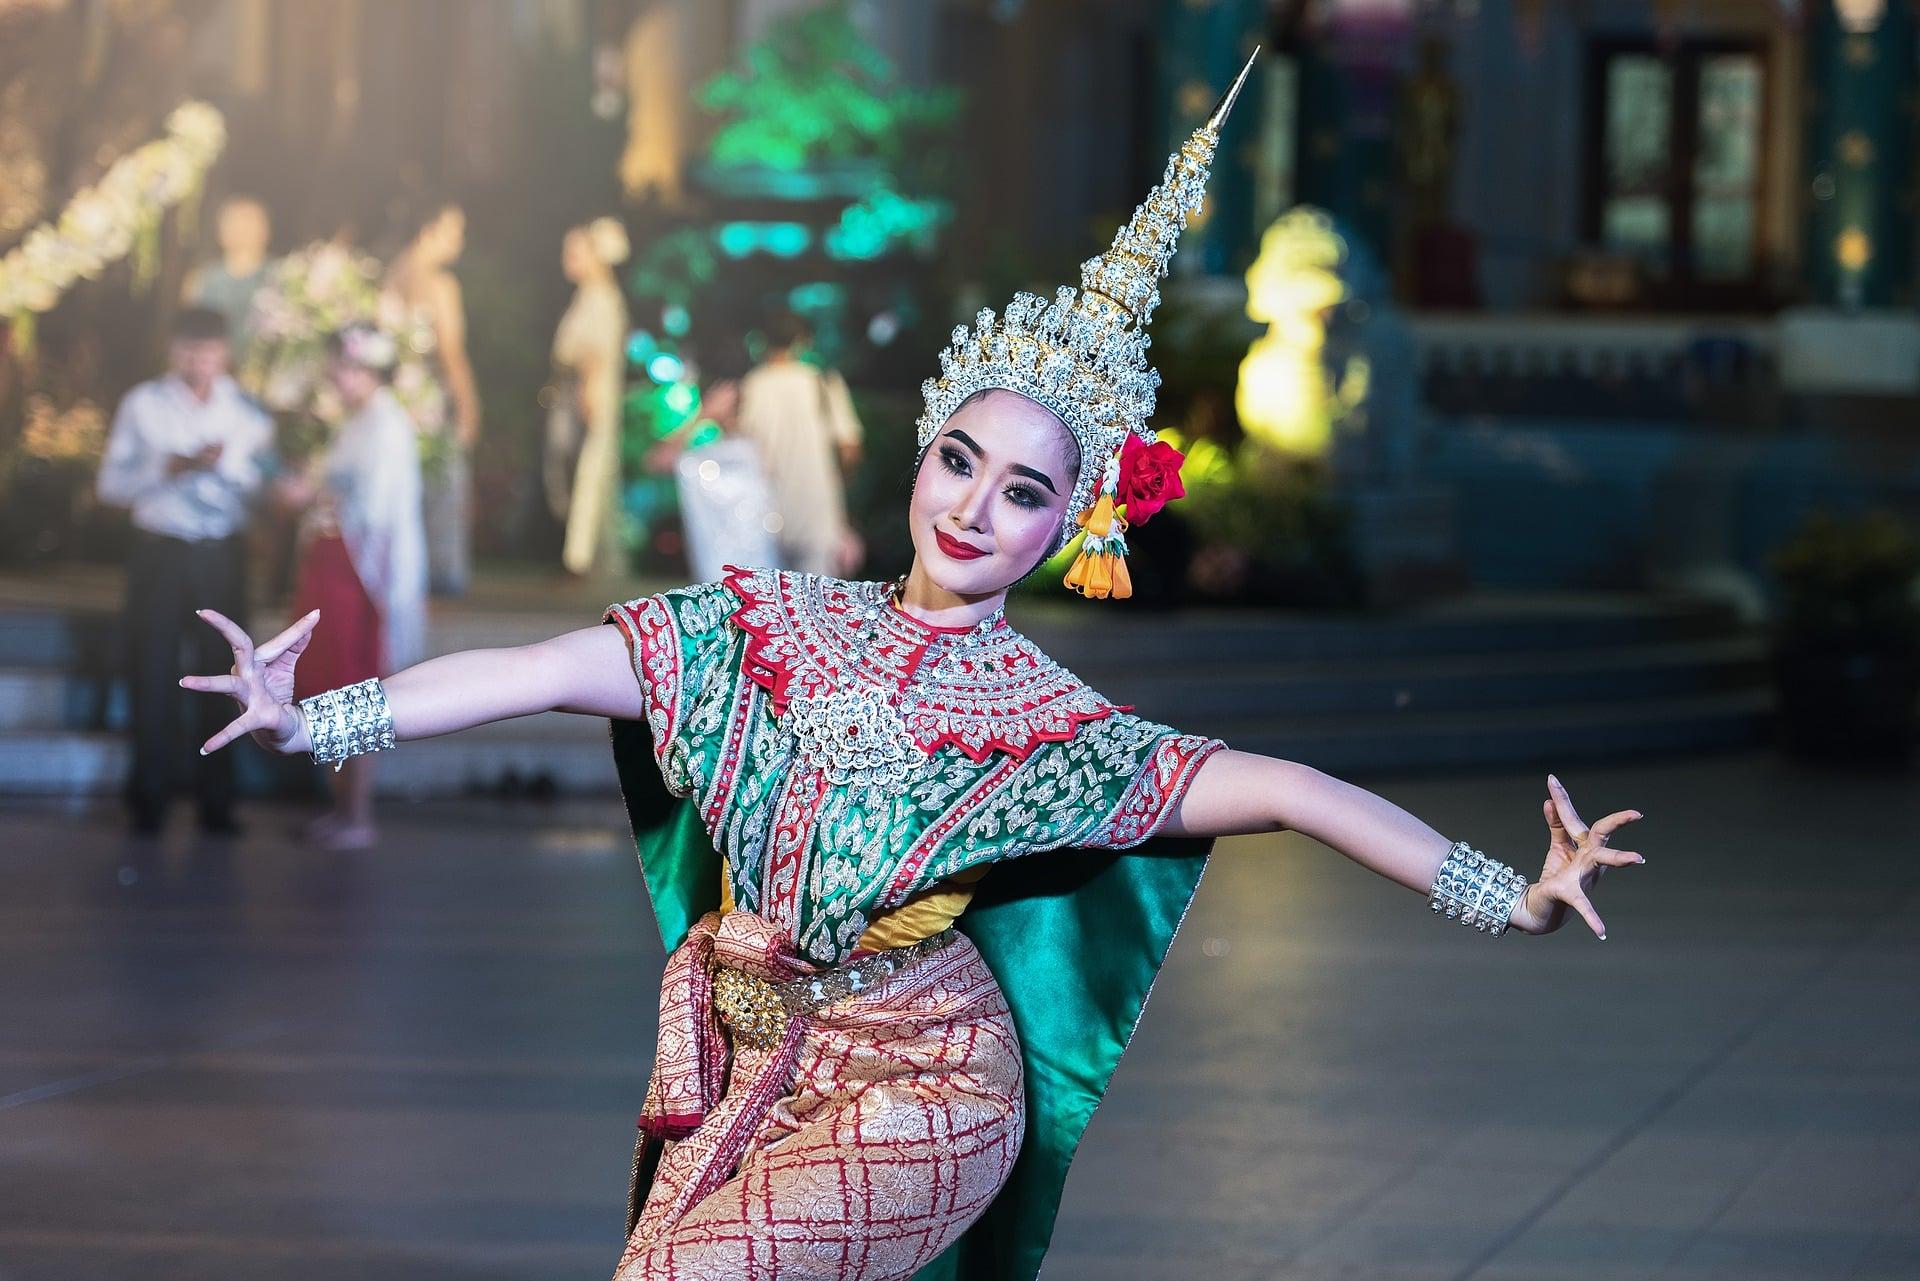 Scam 2: The Thai Gem Scam II